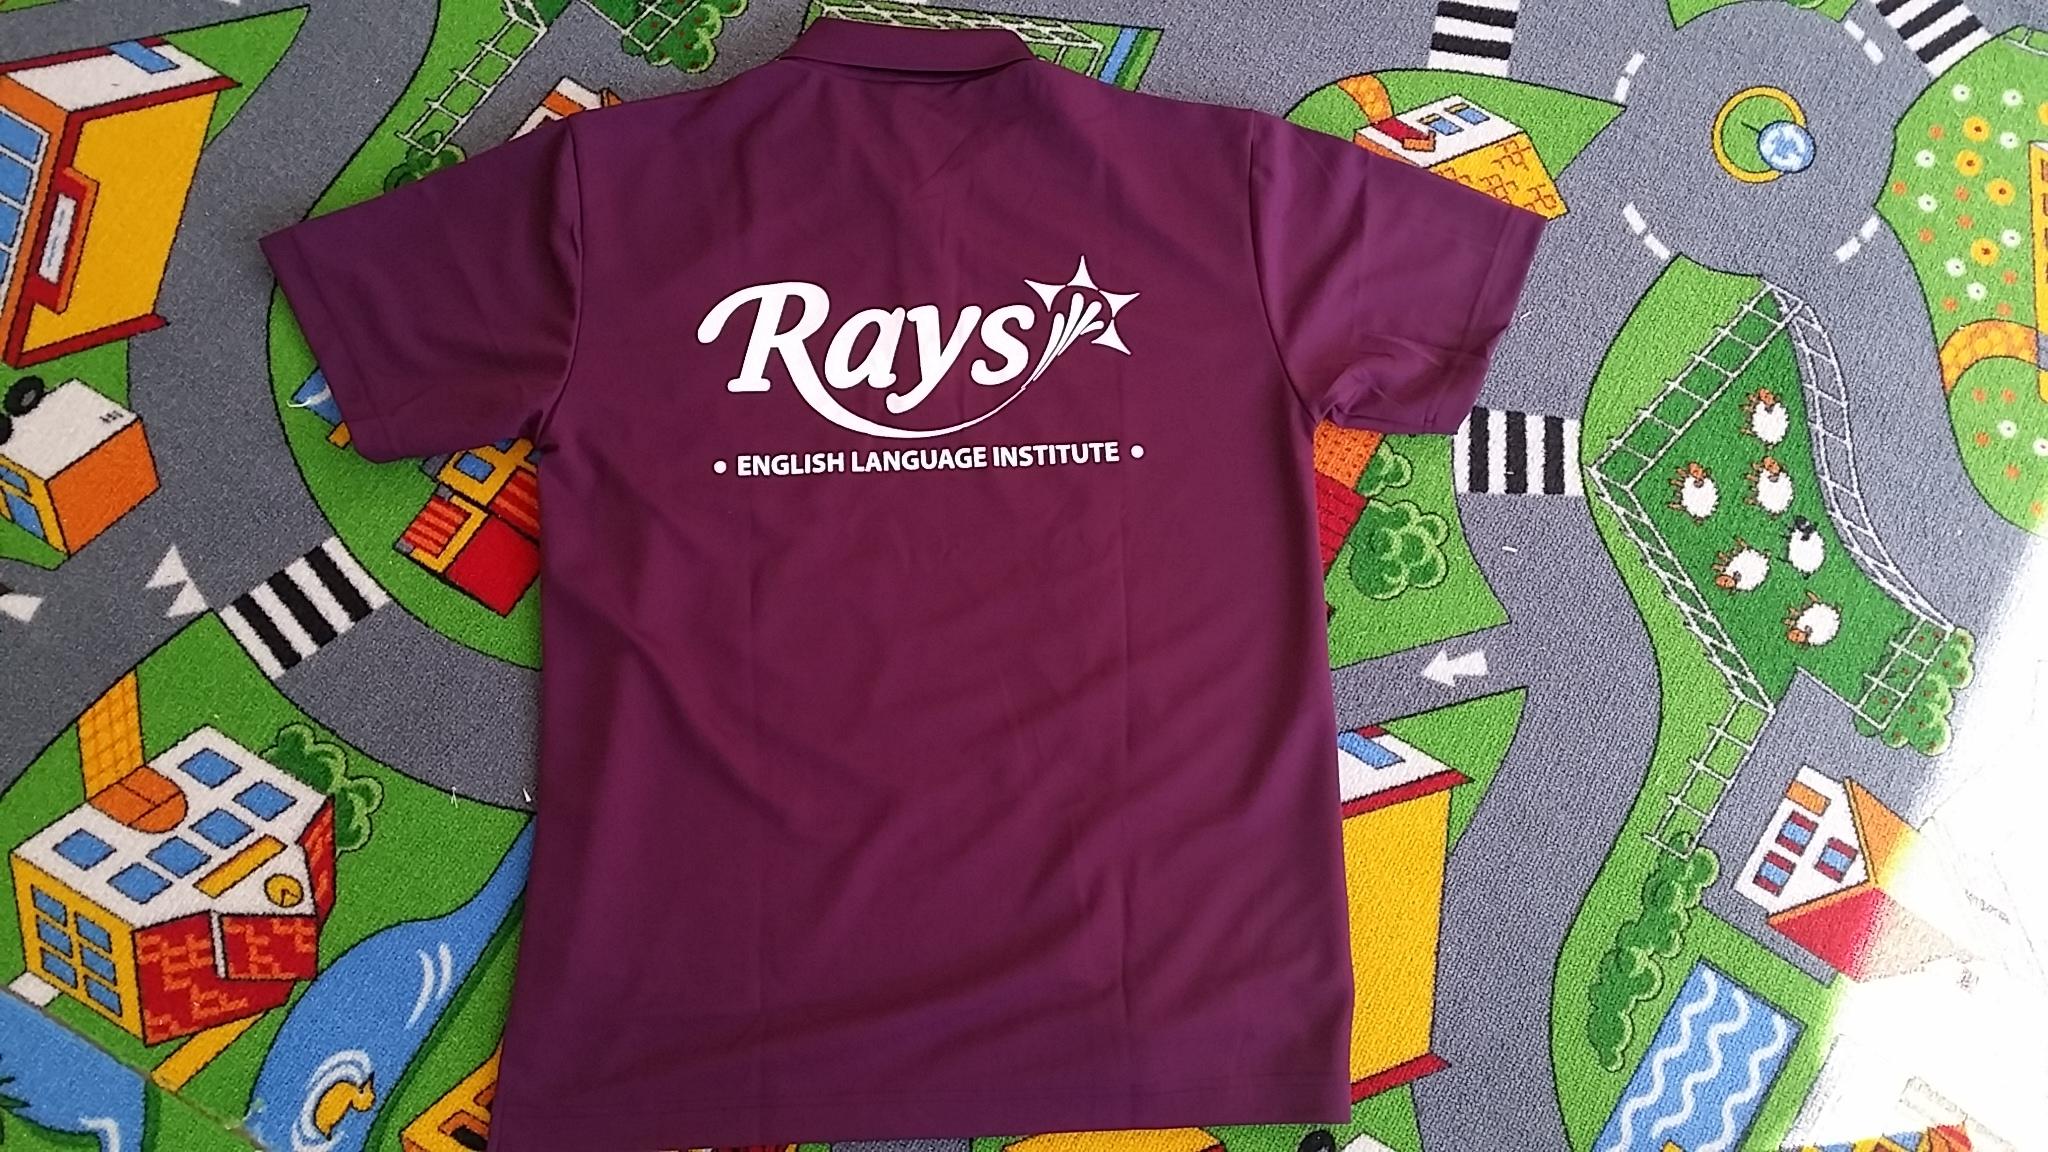 Rays講師のユニフォームです。見かけたら声をかけてくださいね!